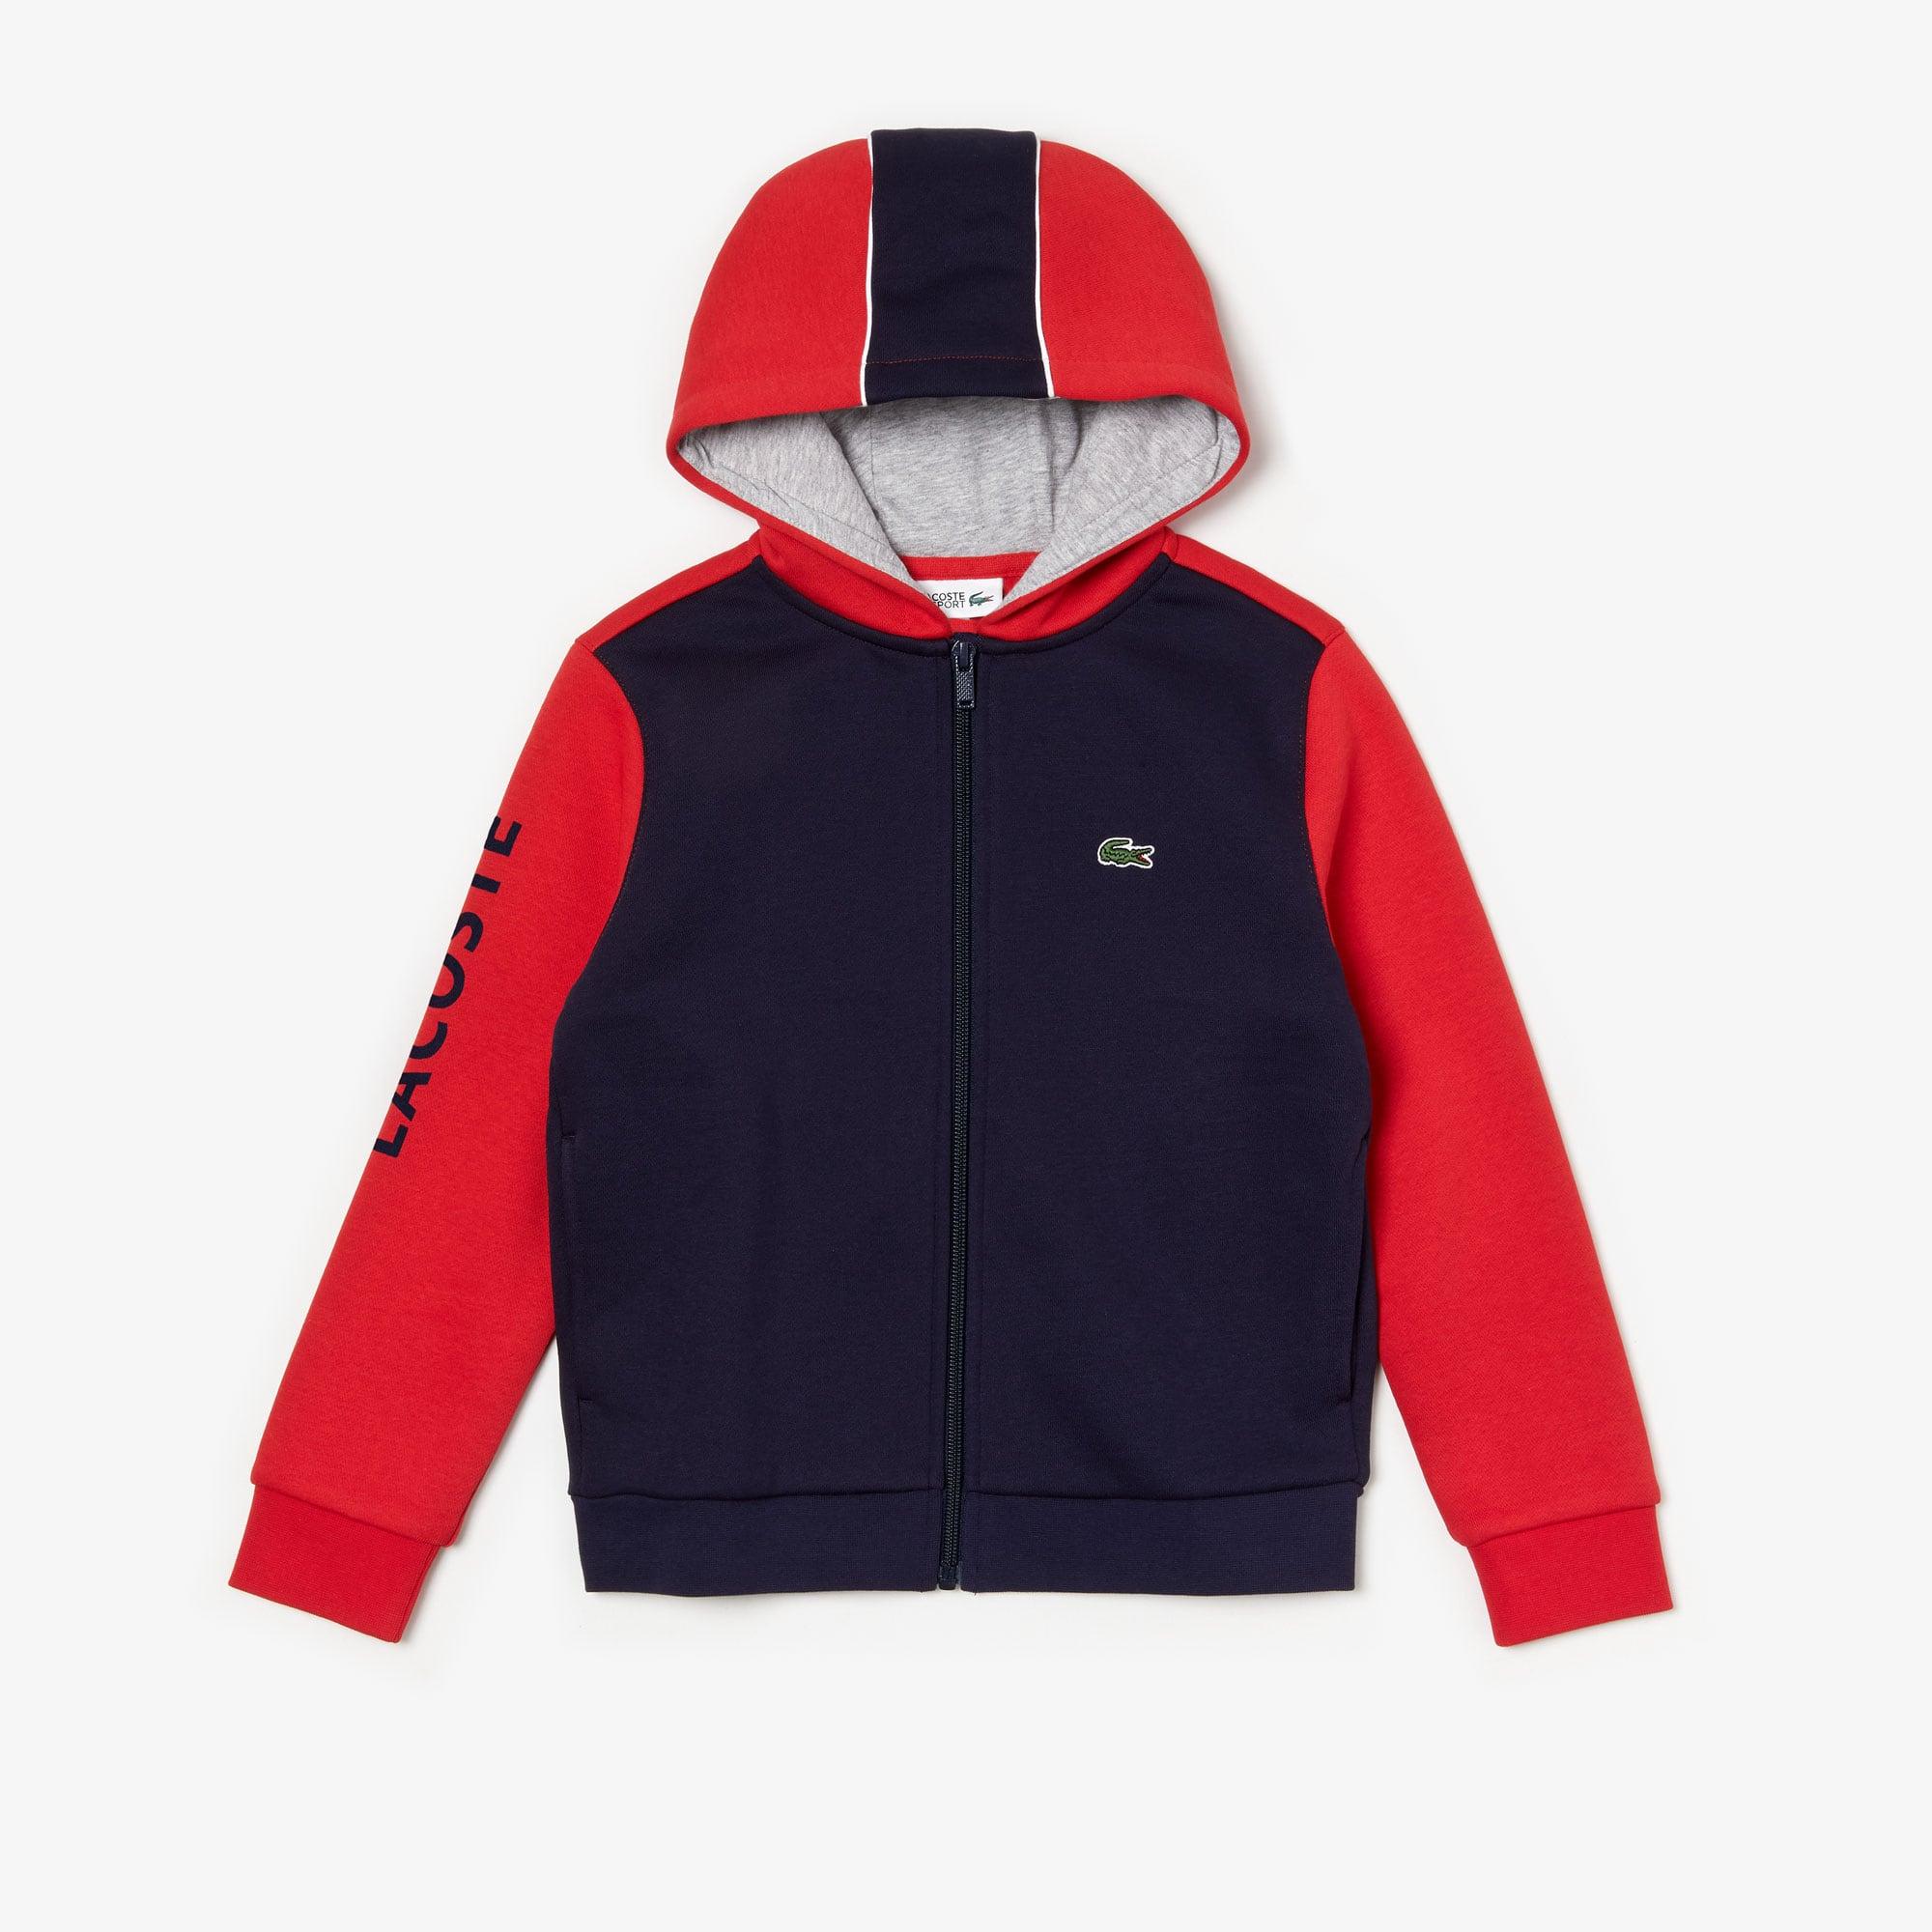 Lacoste SweatshirtsVêtements Enfant Enfant Enfant SweatshirtsVêtements Sport SweatshirtsVêtements Sport Lacoste Enfant Lacoste SweatshirtsVêtements Sport AR4jL53q